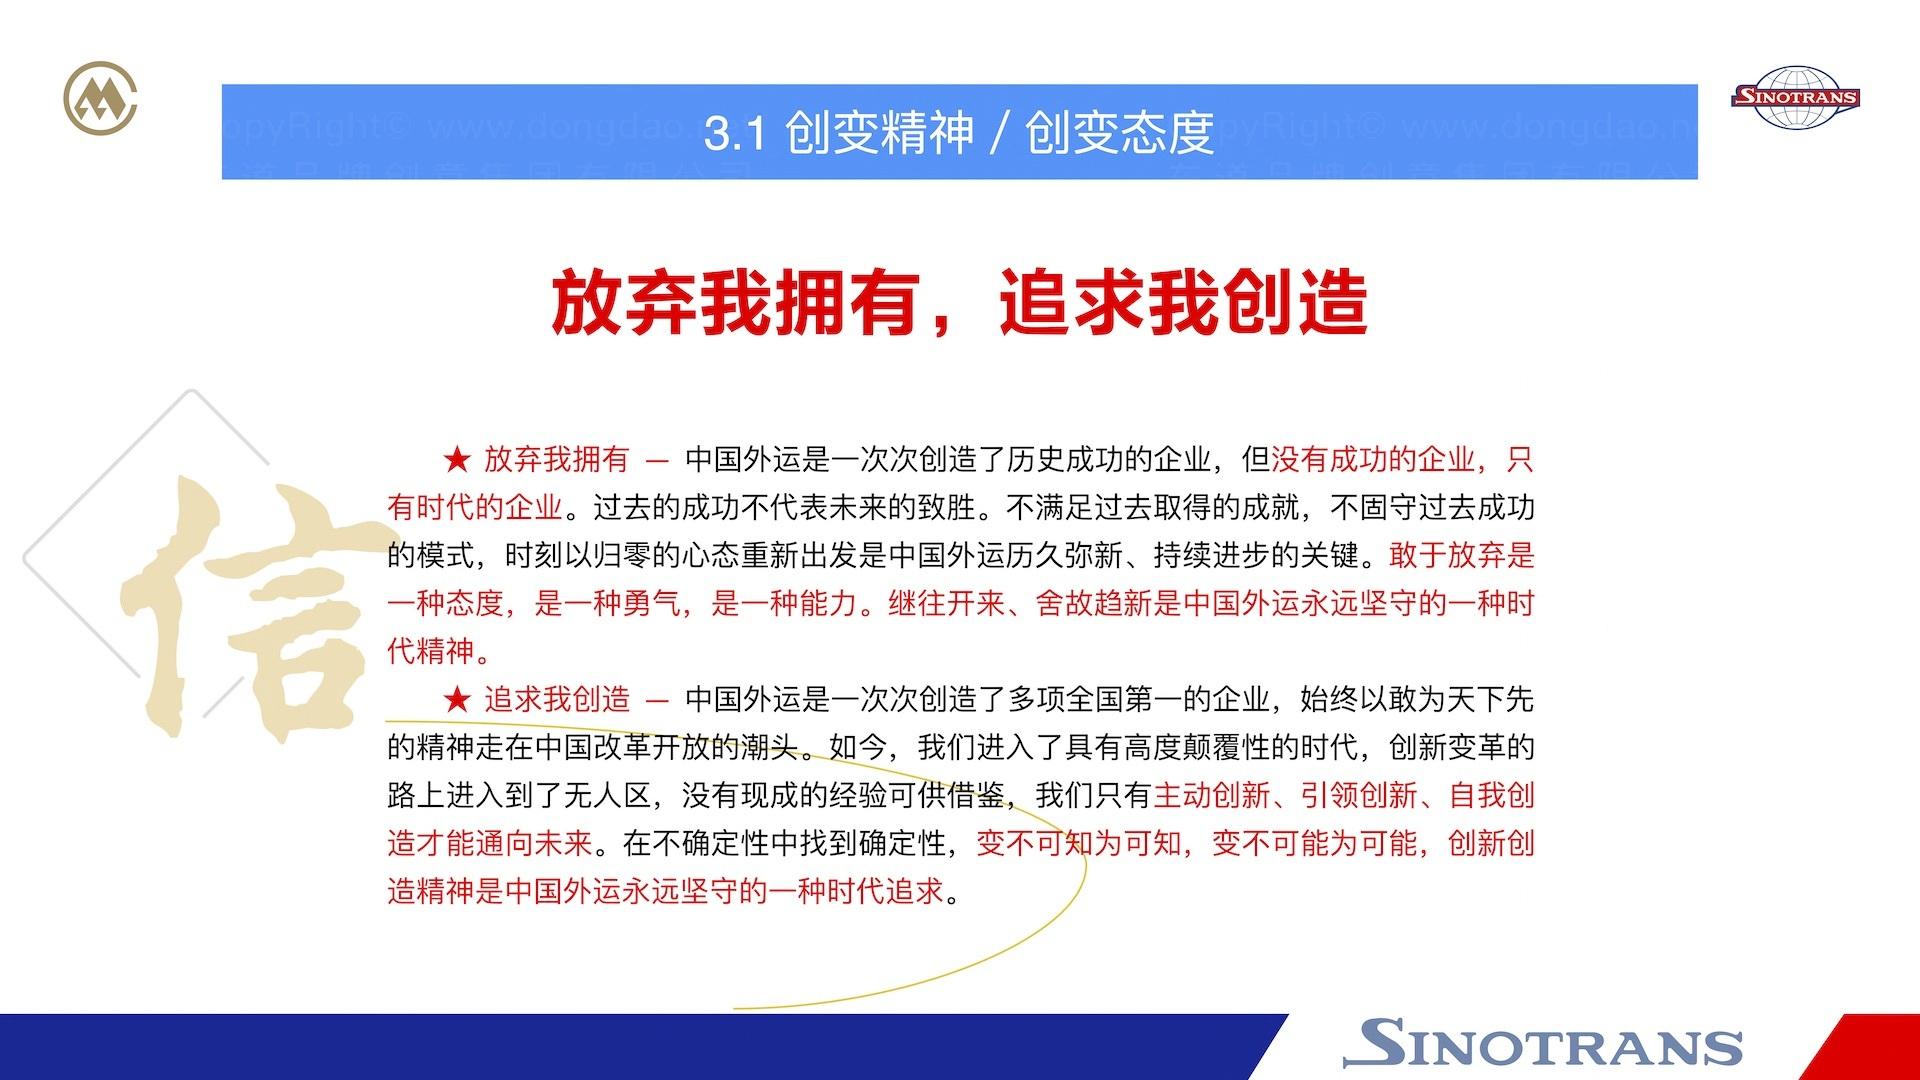 品牌战略&企业文化中国外运企业文化落地项目企业文化手册应用场景_5